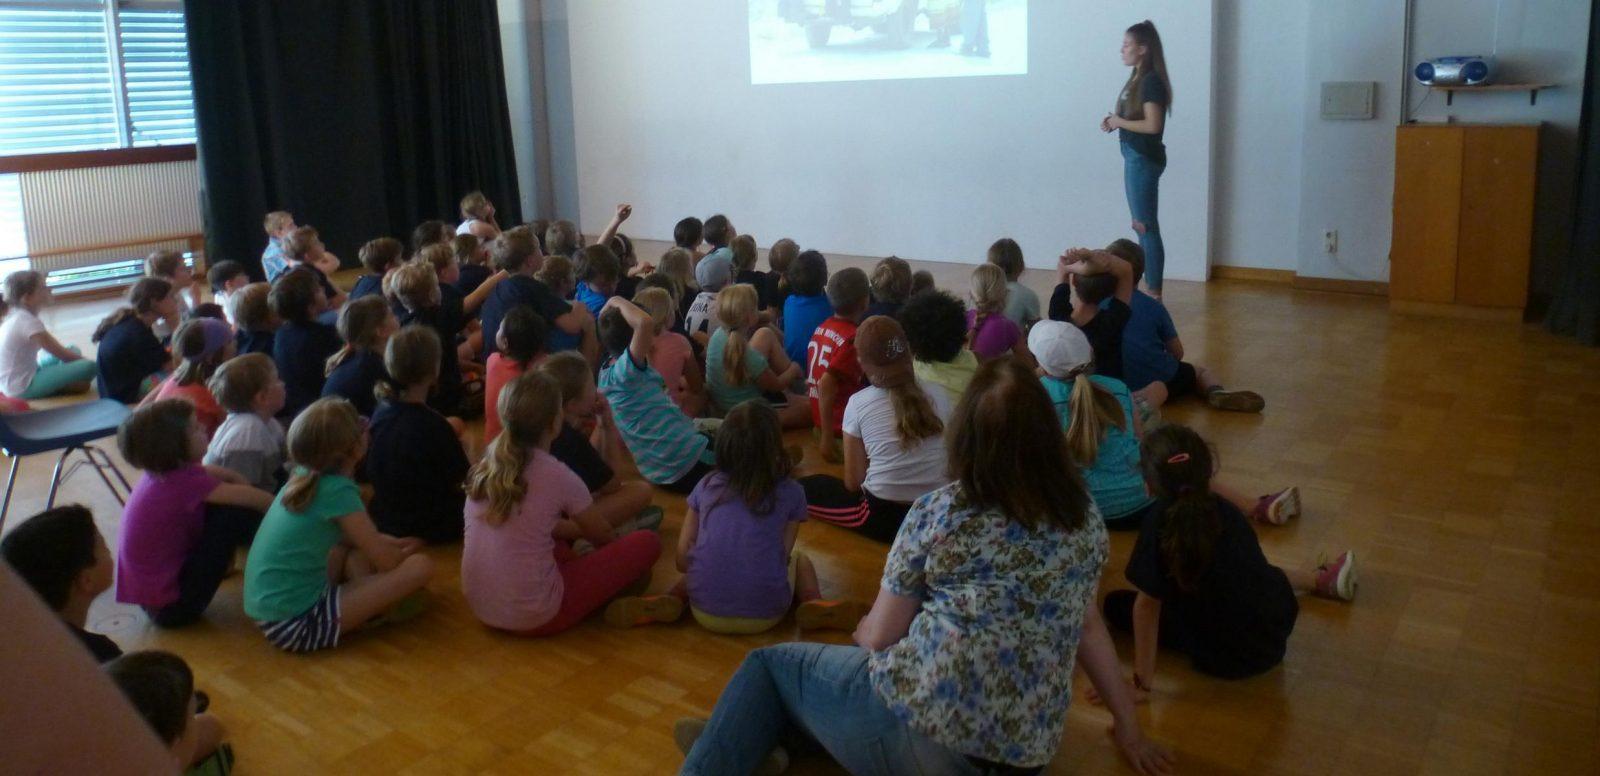 Infoveranstaltung in der Grundschule Planegg als Vorbereitung des Spendenlaufs zugunsten von Emmaberg